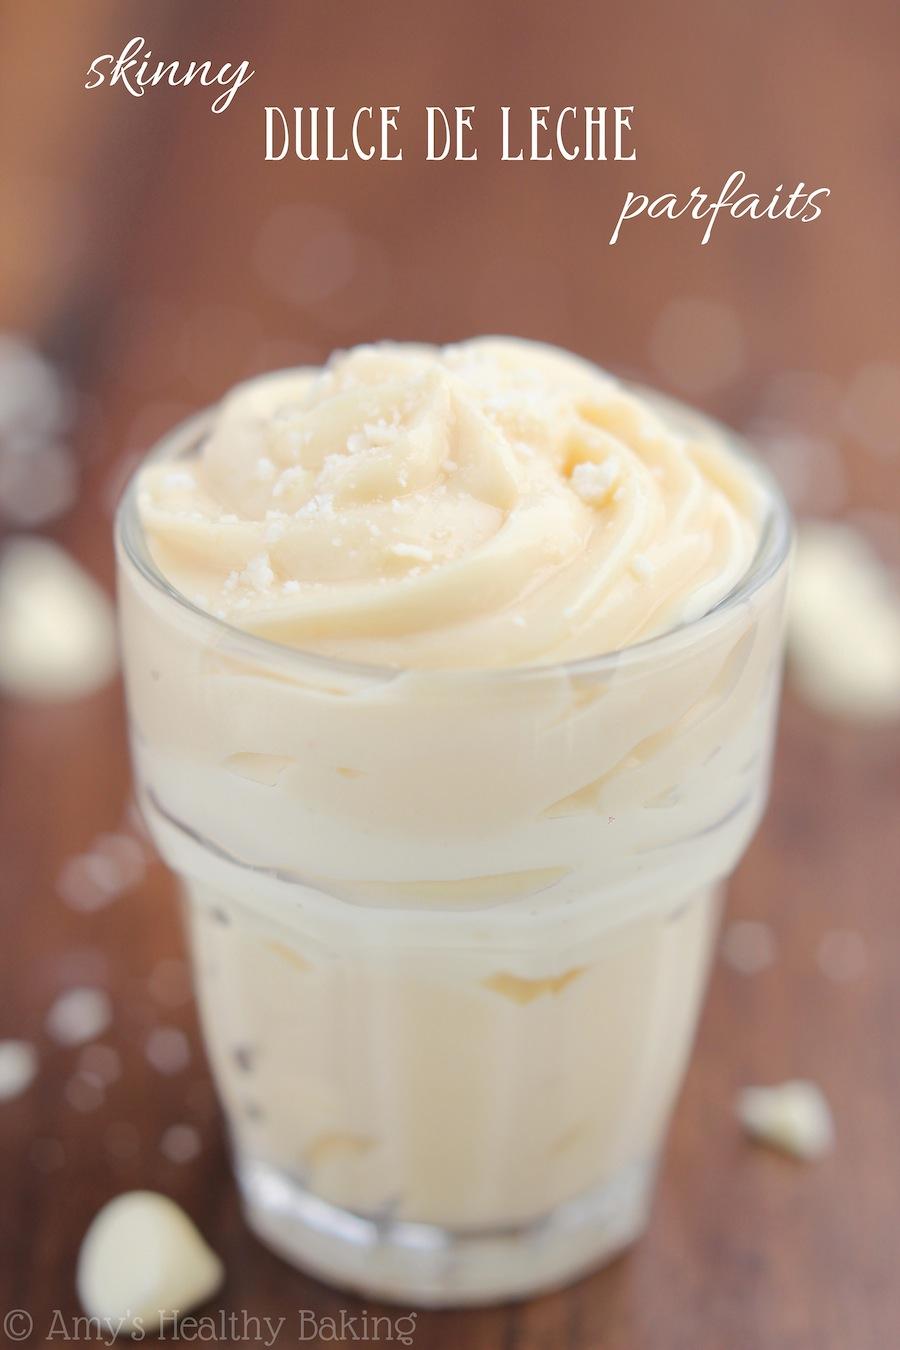 Skinny Dulce de Leche Parfaits recipe -- just 5 ingredients & 110 calories!